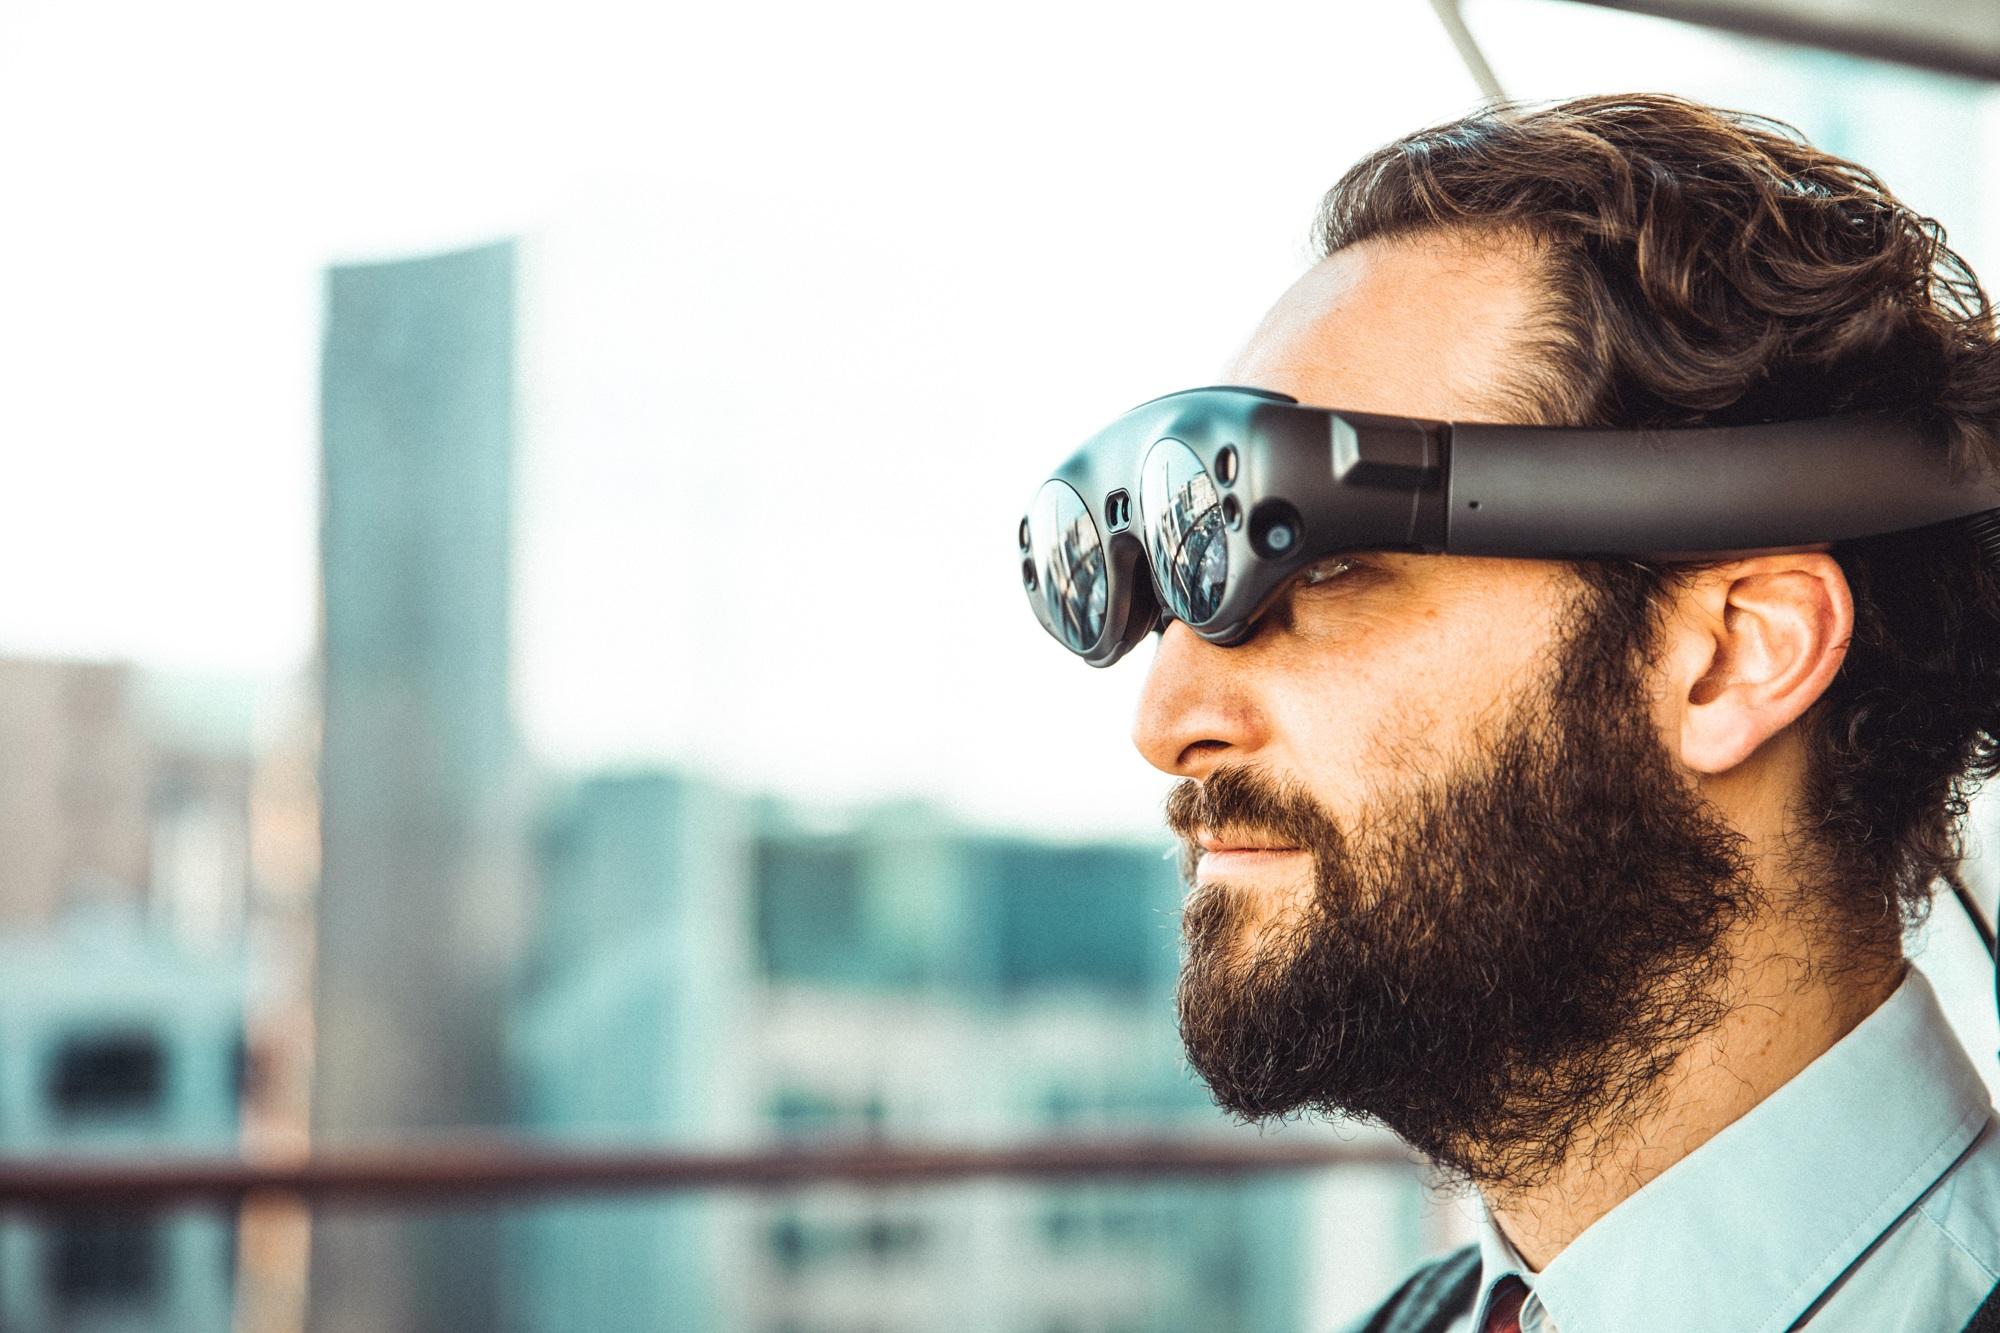 Unas gafas para poder visualizar realidad aumentada